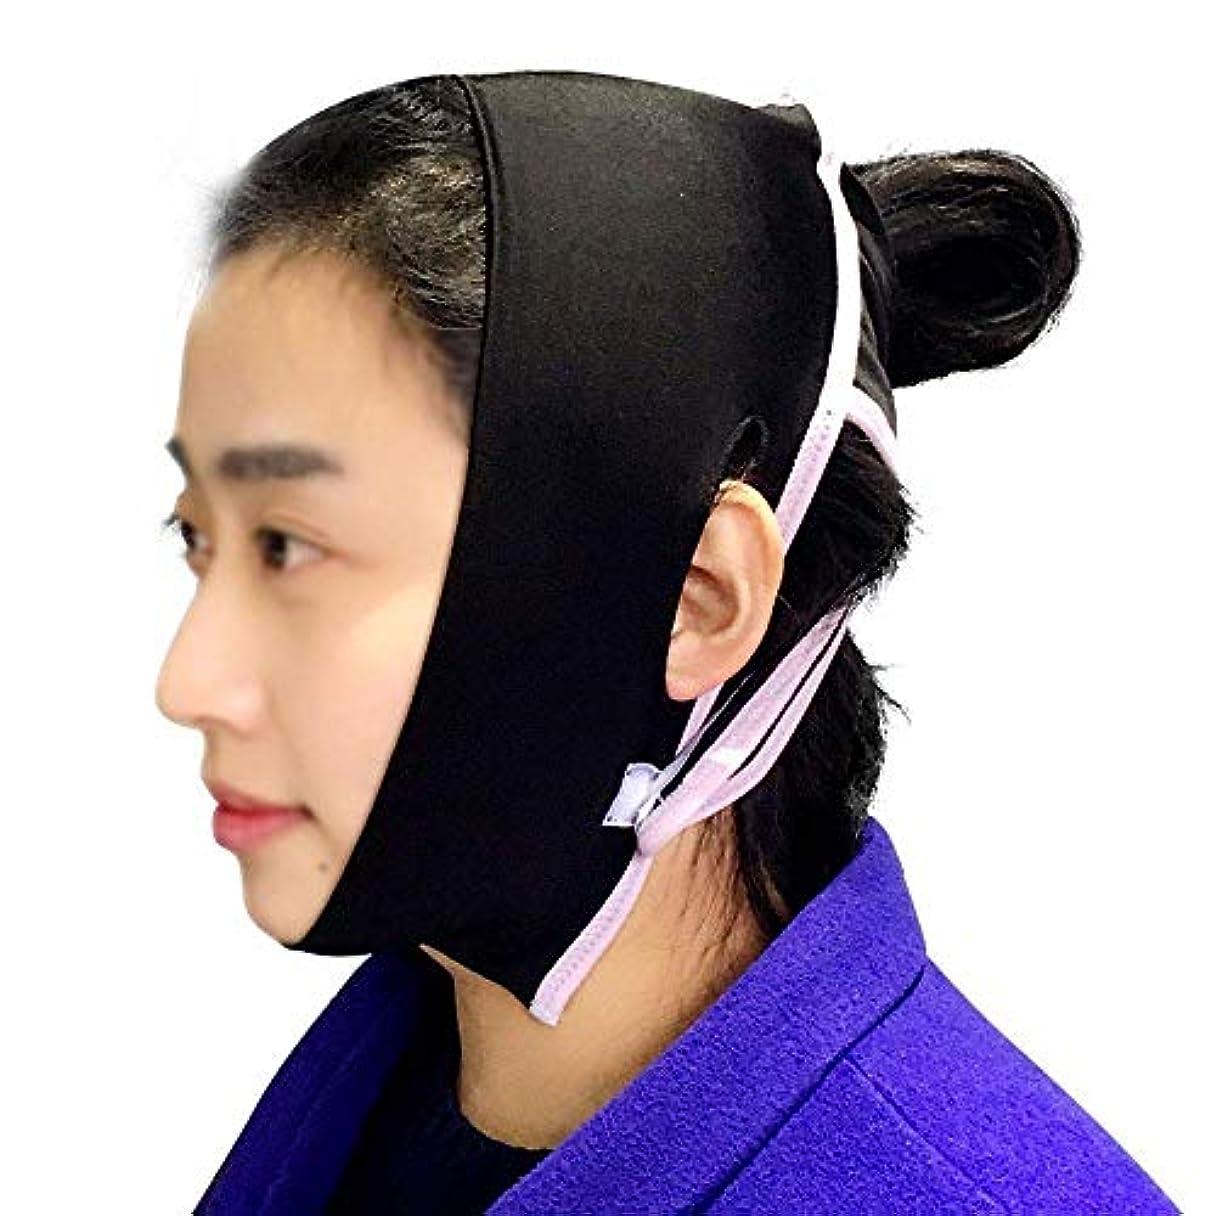 シャンプーピッチ強度フェイスリフティングバンデージ、V字型の顔を作成するためのダブルチン/リフティングタイトスキンバンデージマスクの販売(色:黒)